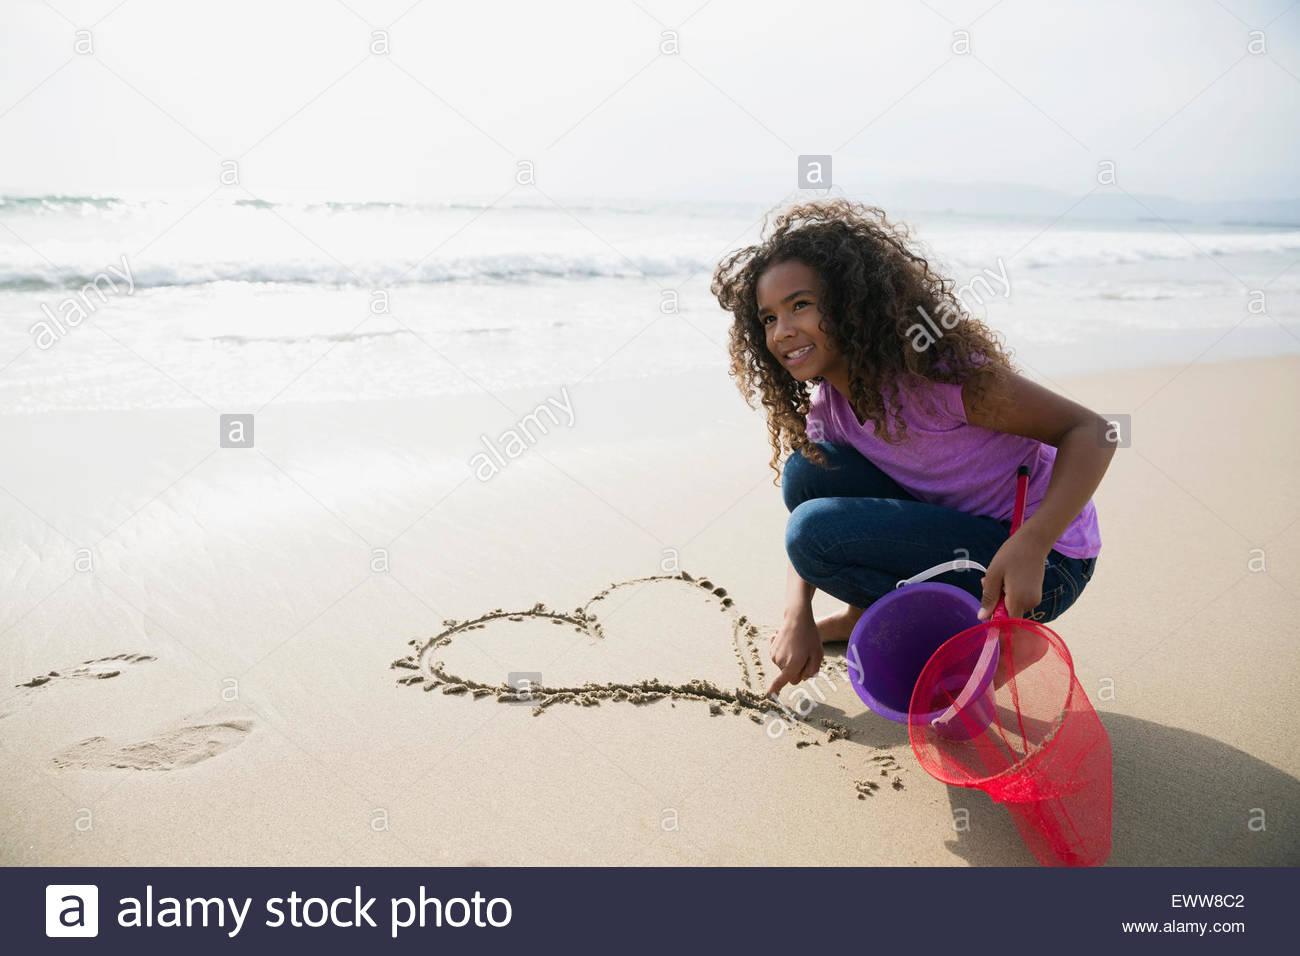 Ragazza disegno cuore-forma in sabbia sulla spiaggia Immagini Stock